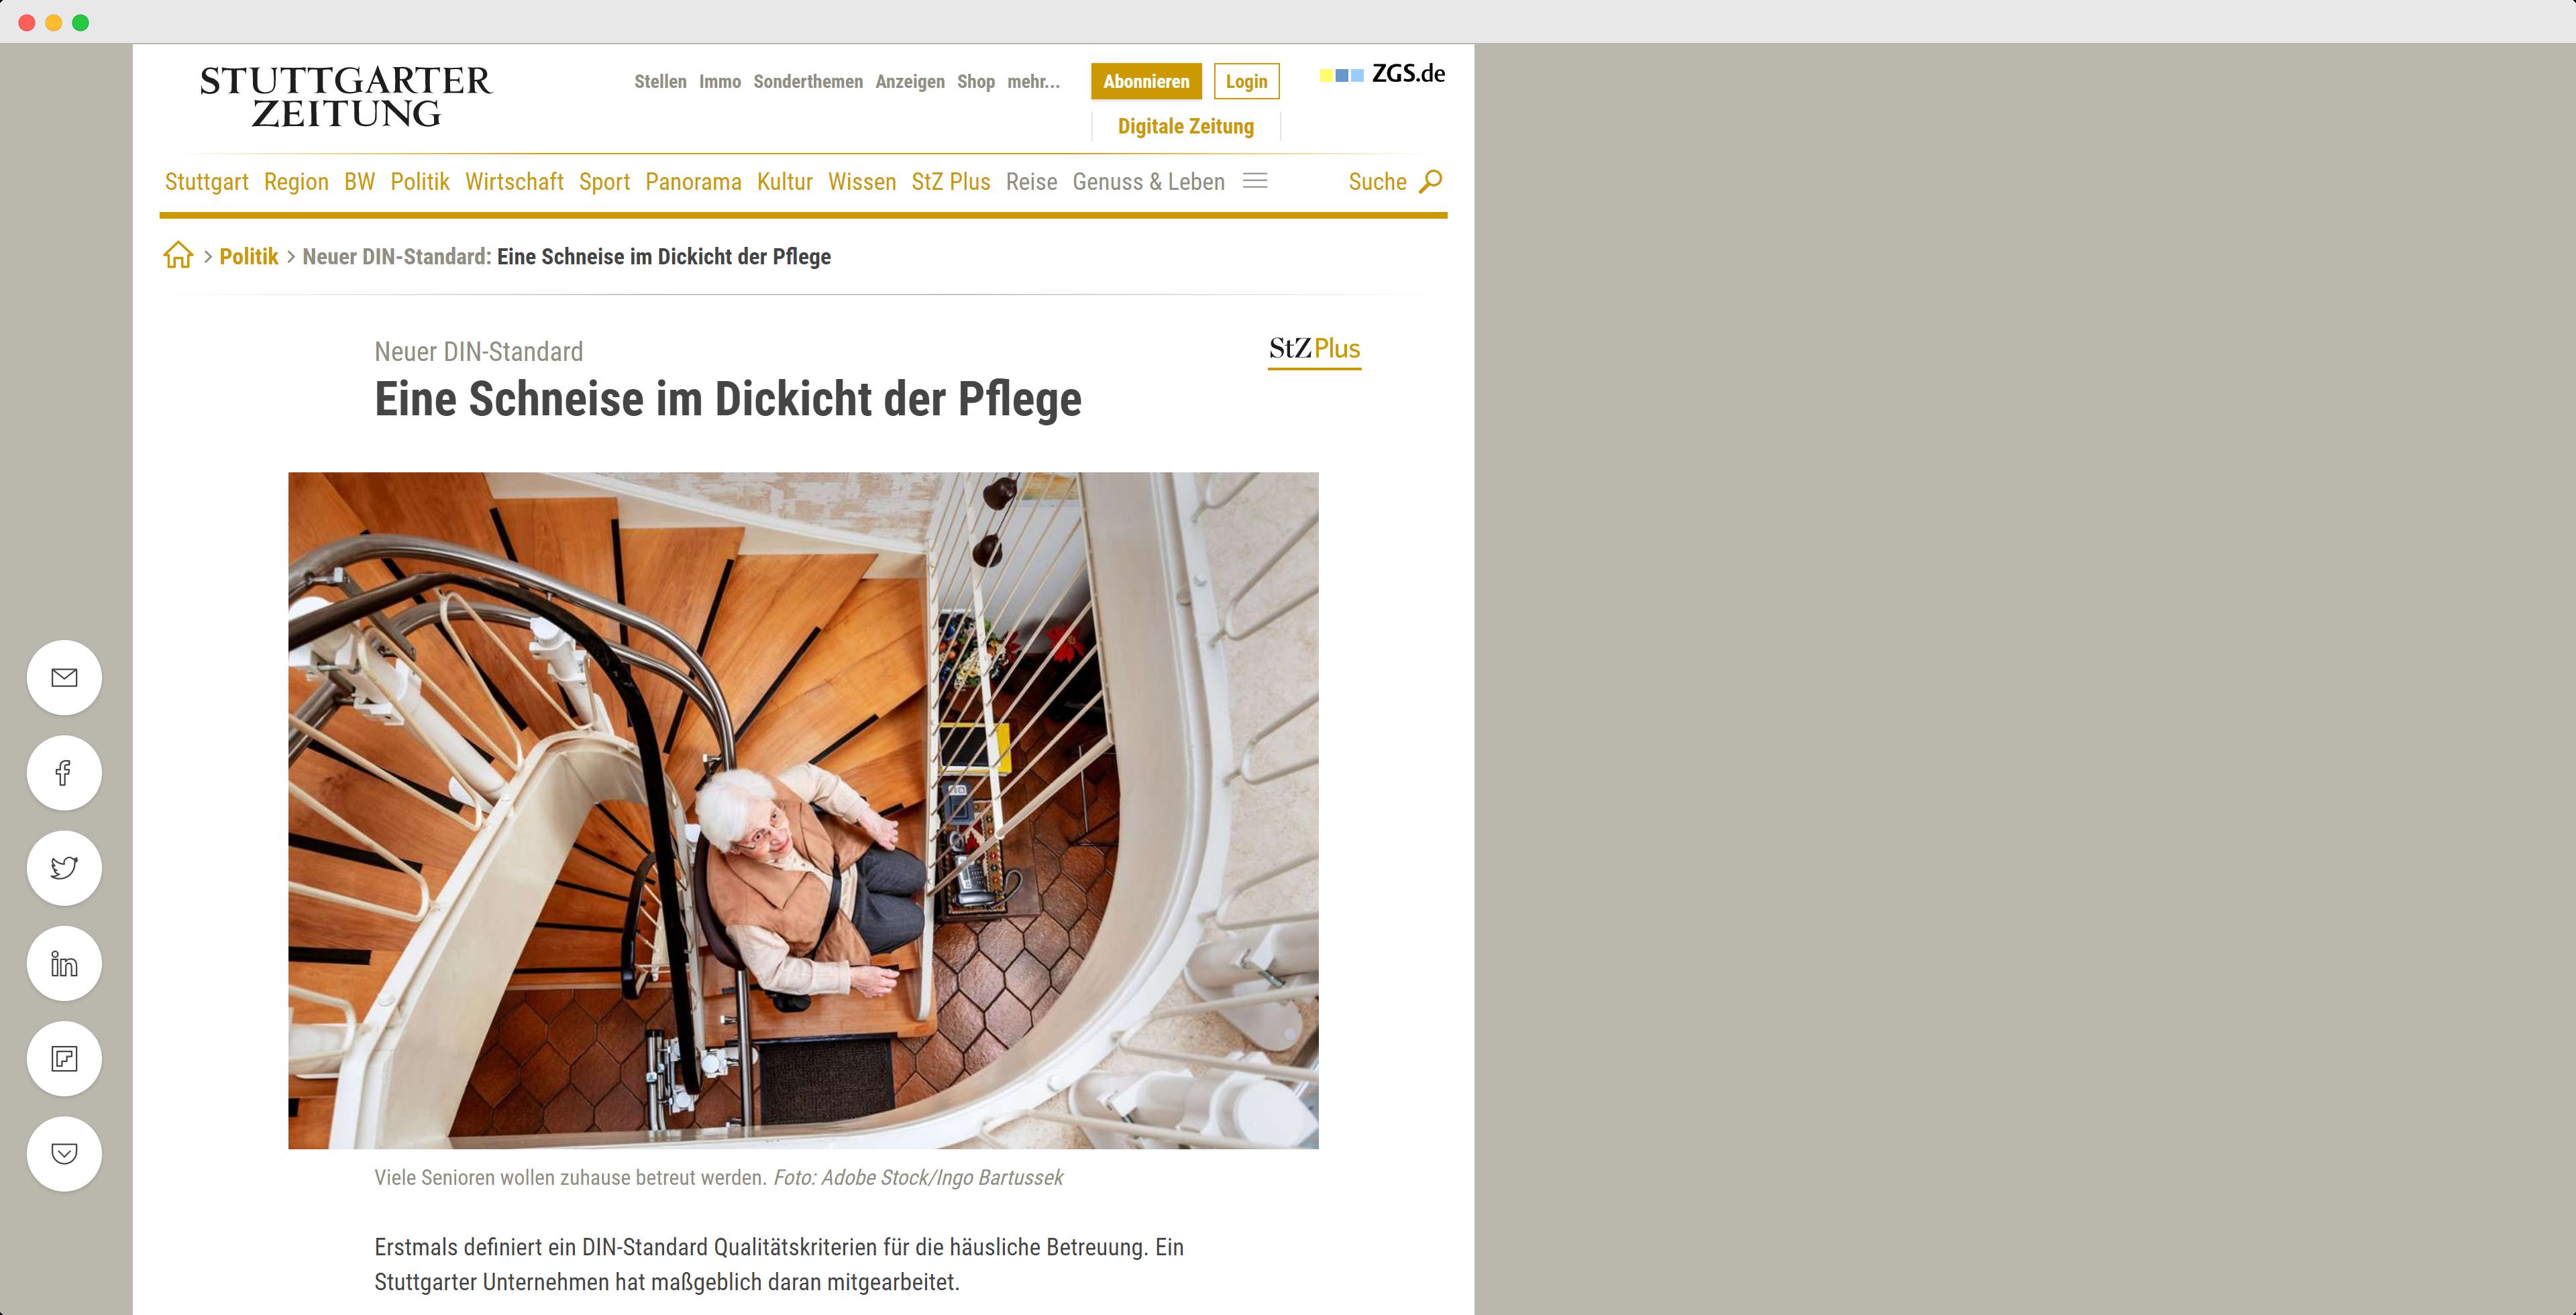 Sie Stuttgarter Zeitung erläutert die Verbesserungen der DIN SPEC 33454 für die Pflege zu Hause